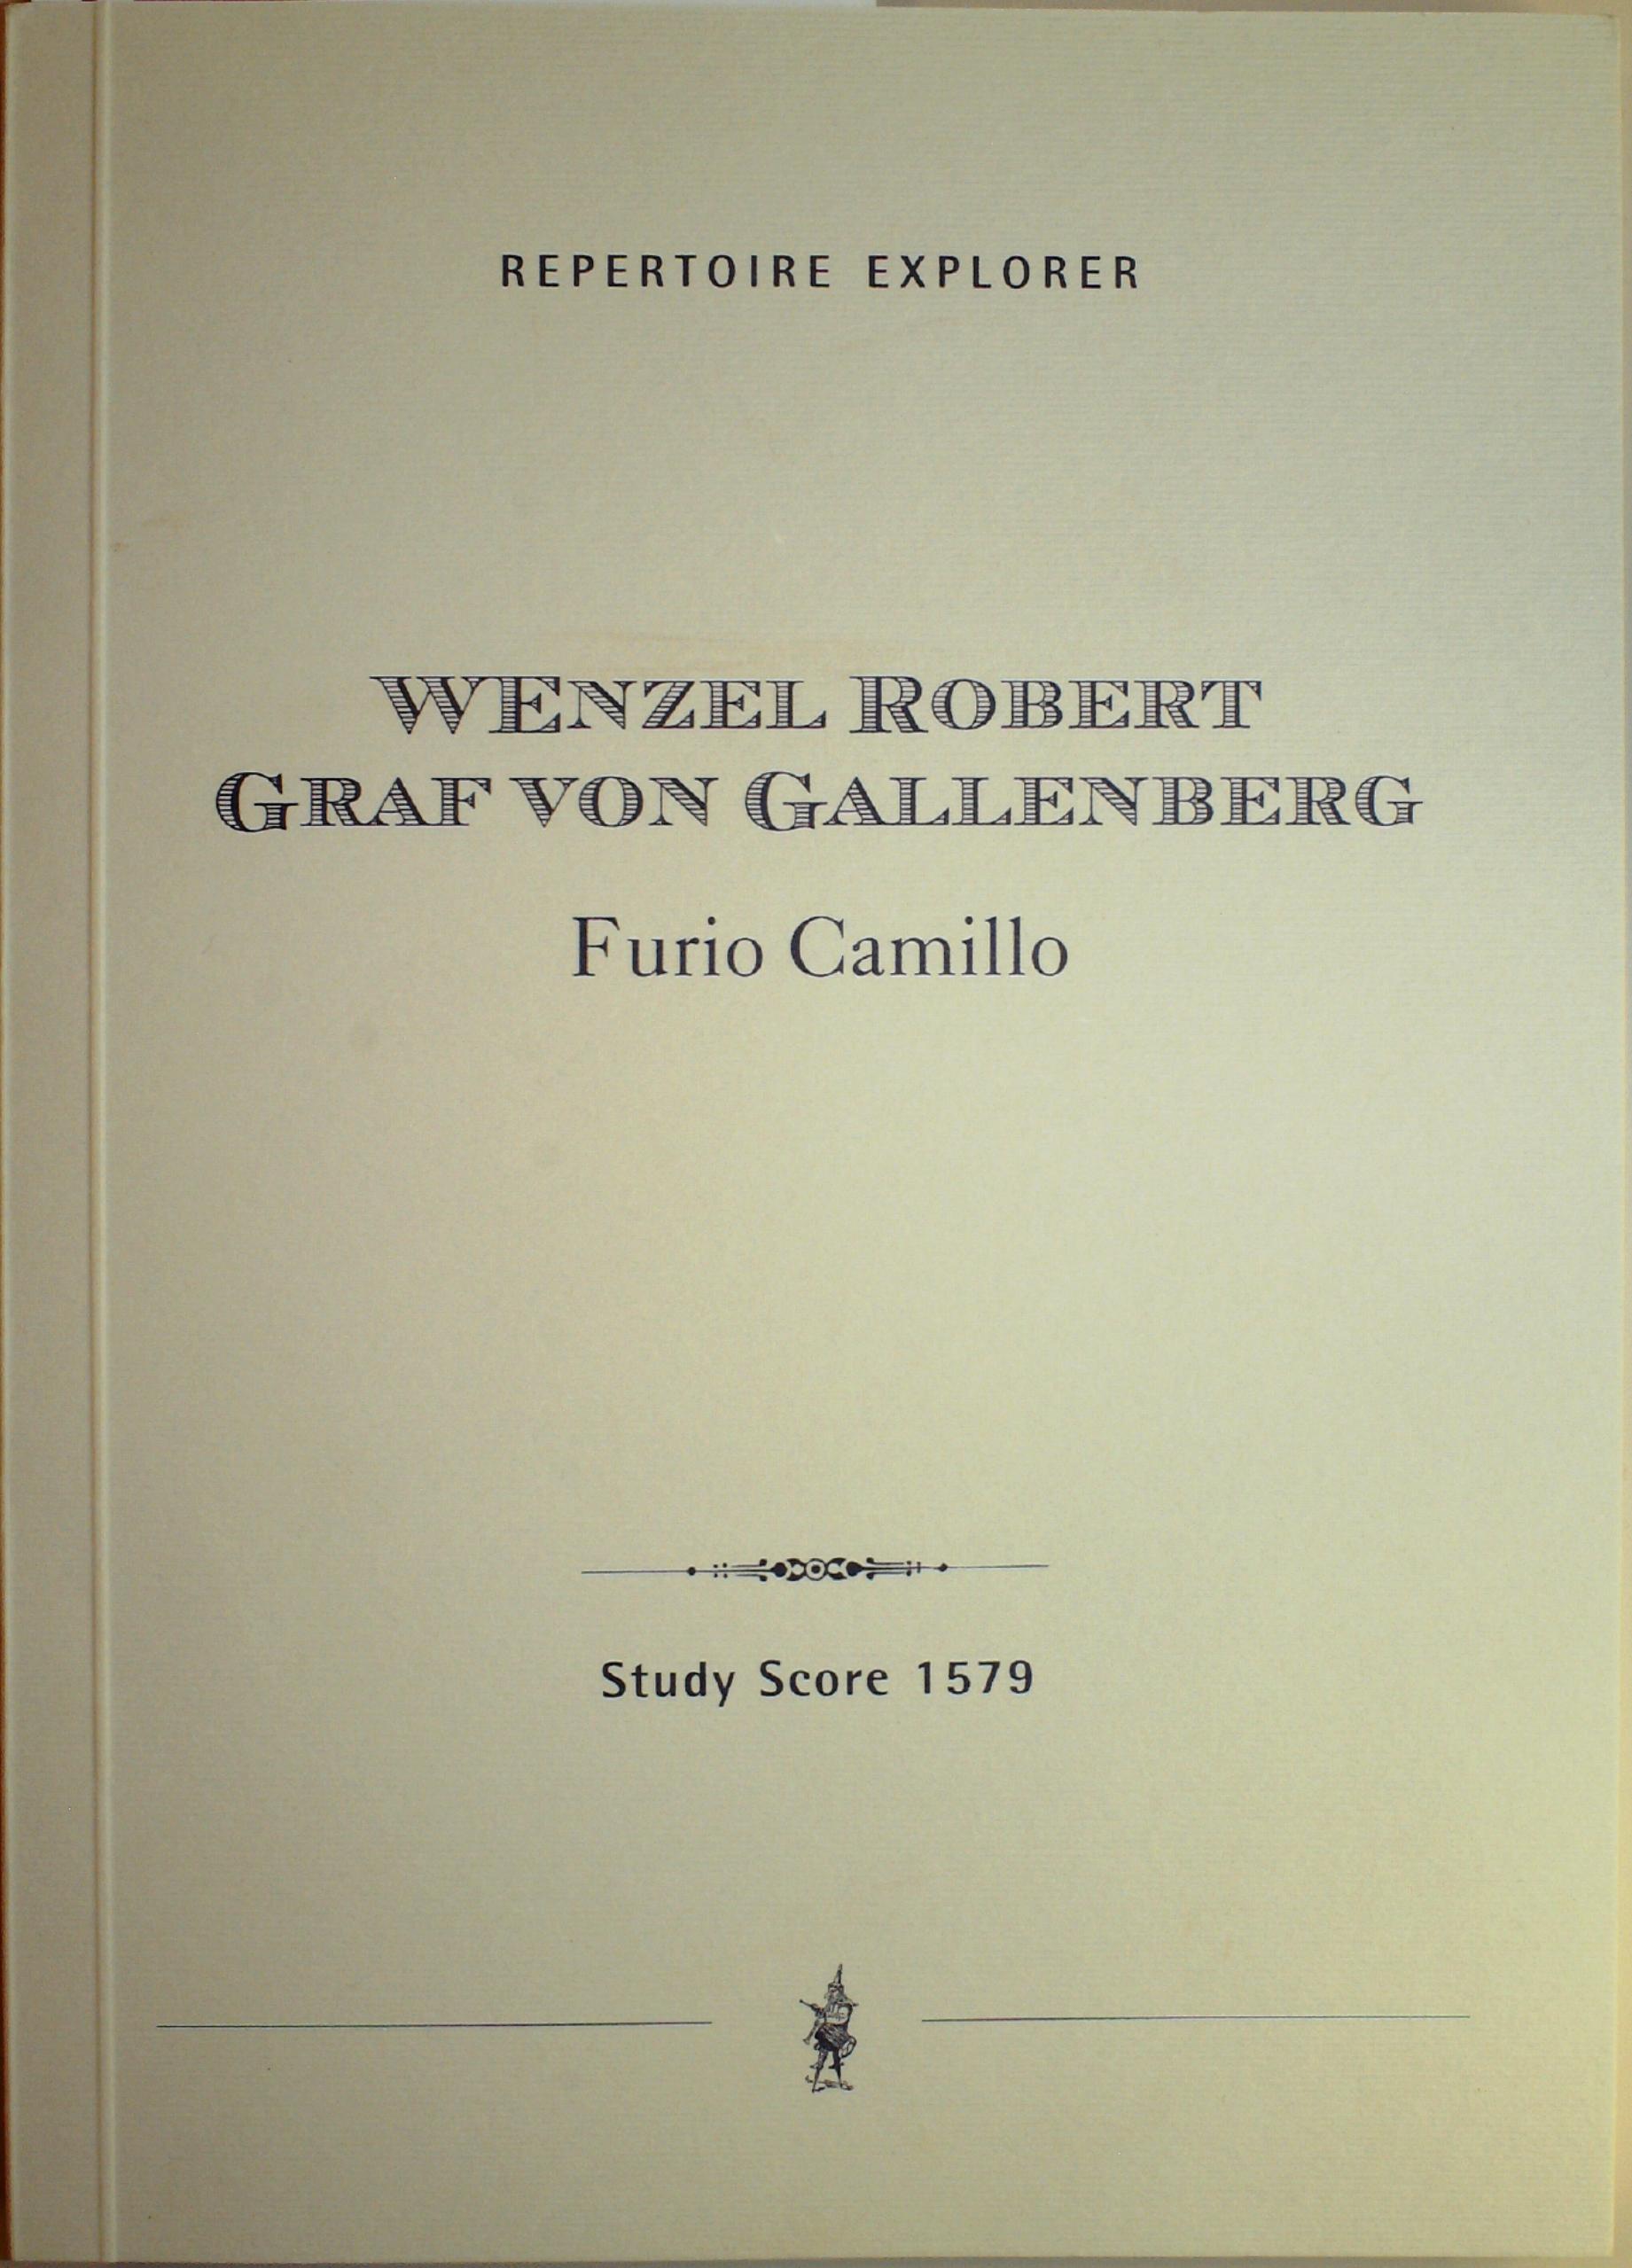 Gallenberg printed Furio Camillo cover